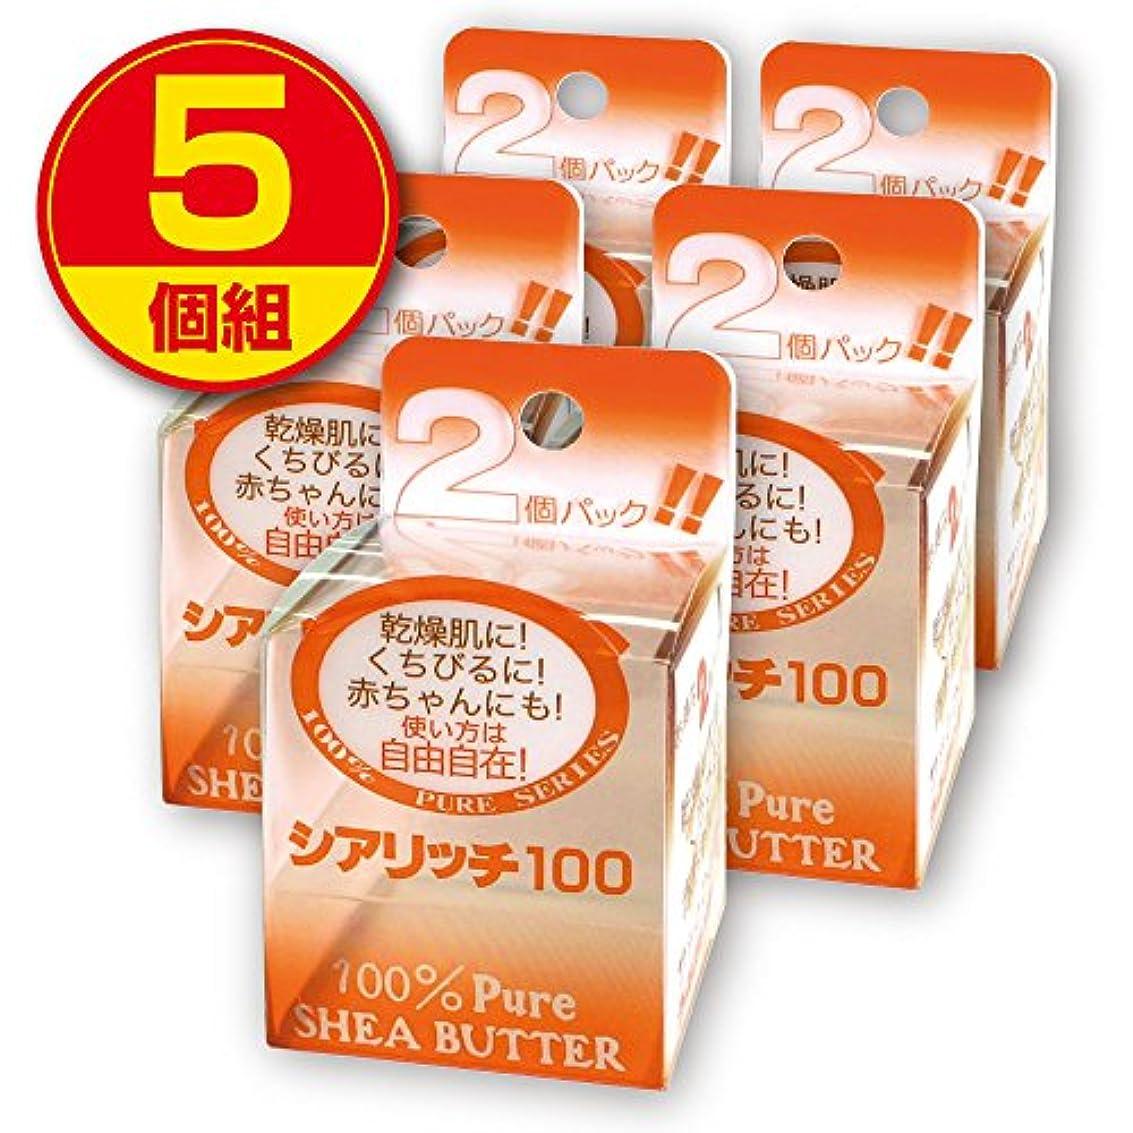 ミニ思春期非常に日本天然物研究所 シアリッチ100 (8g×2個入り)【5個組】(無添加100%シアバター)無香料